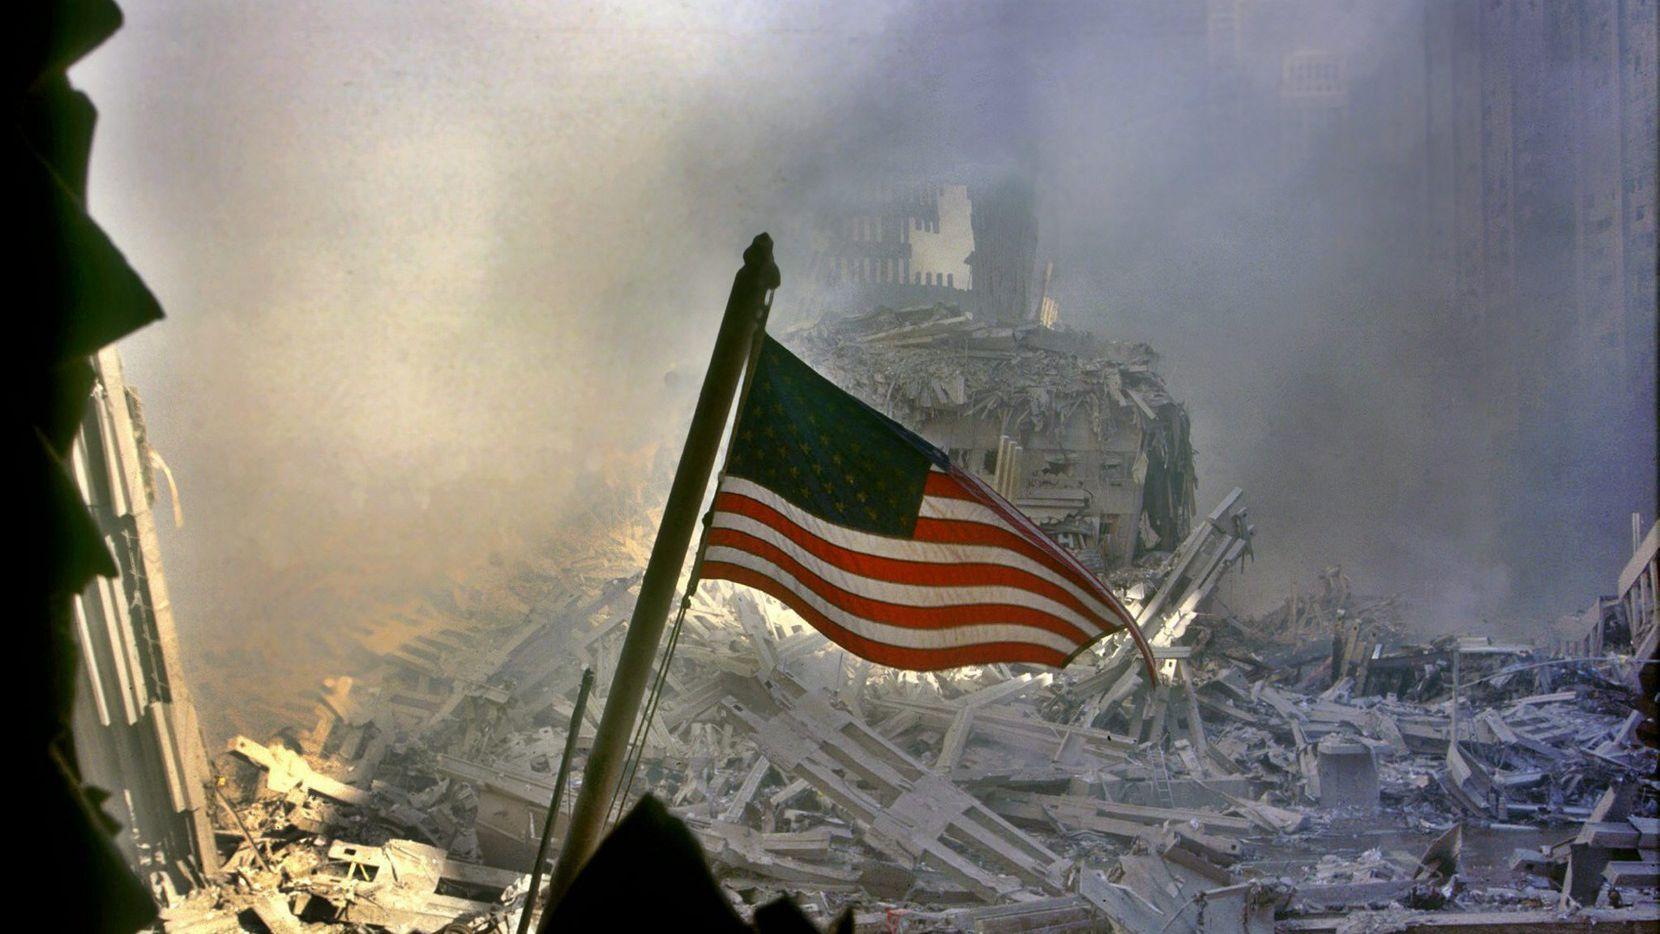 Una bandera de Estados Unidos ondea en medio de los escombros luego que se derrumbaron las torres gemelas del World Trade Center en Nueva York el 11 de septiembre de 2001.